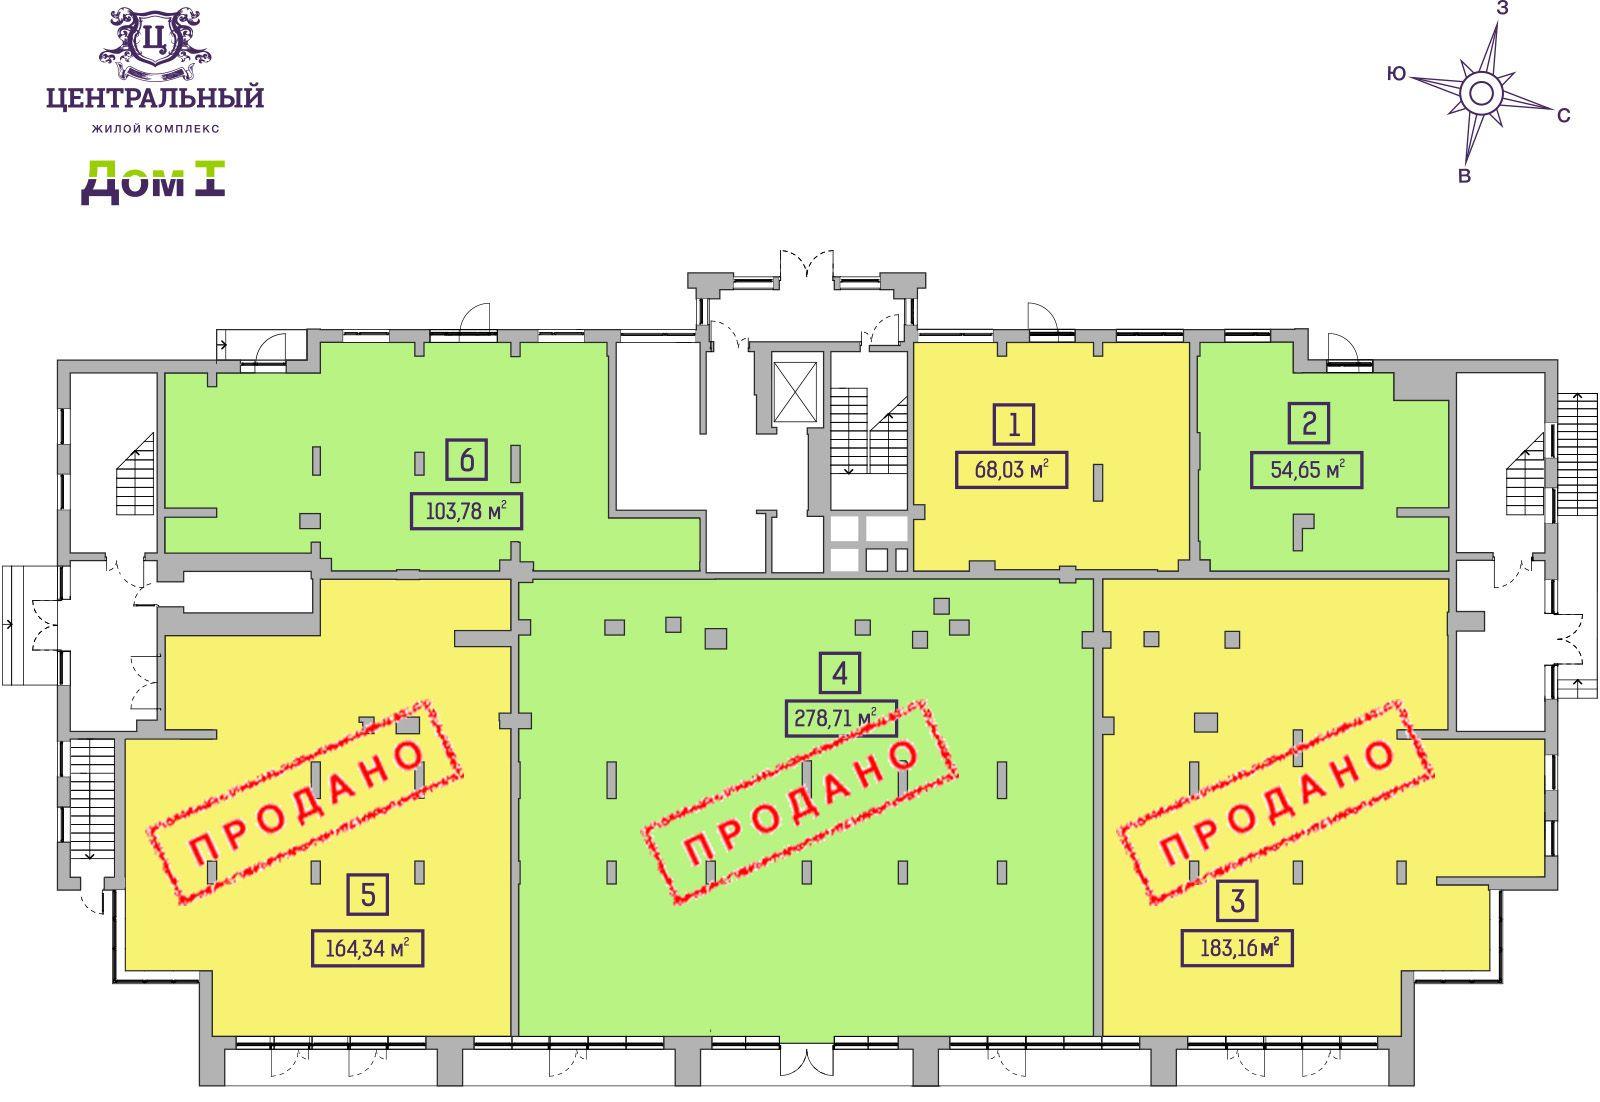 Дом 1. Коммерческая недвижимость 1 этаж